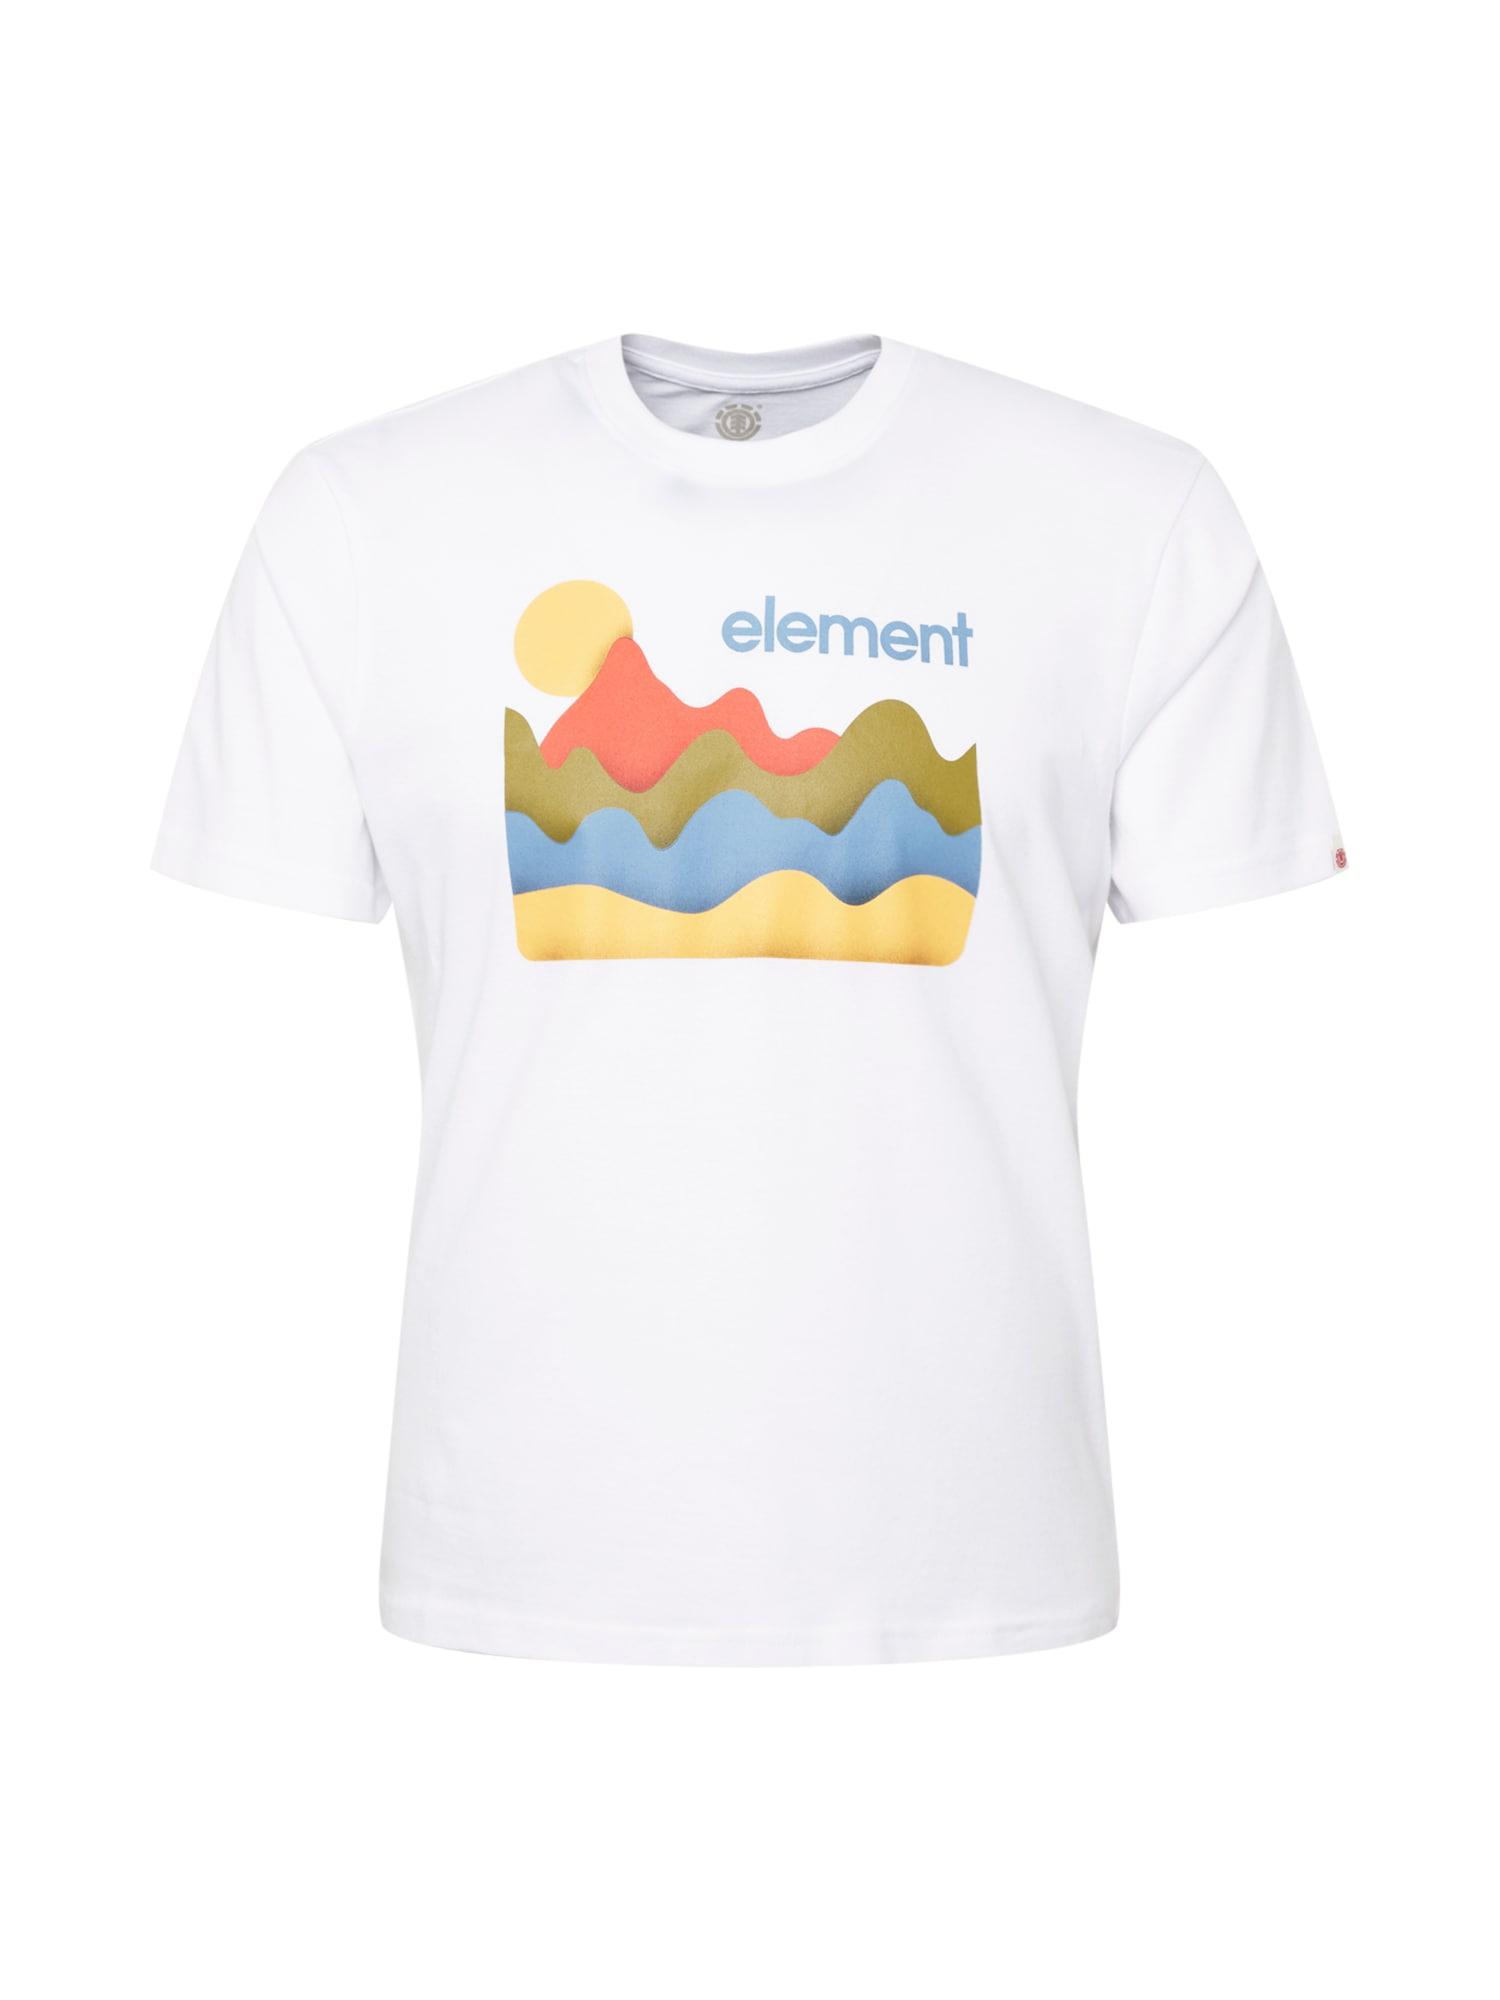 ELEMENT Marškinėliai natūrali balta / koralų splava / alyvuogių spalva / mėlyna / geltona